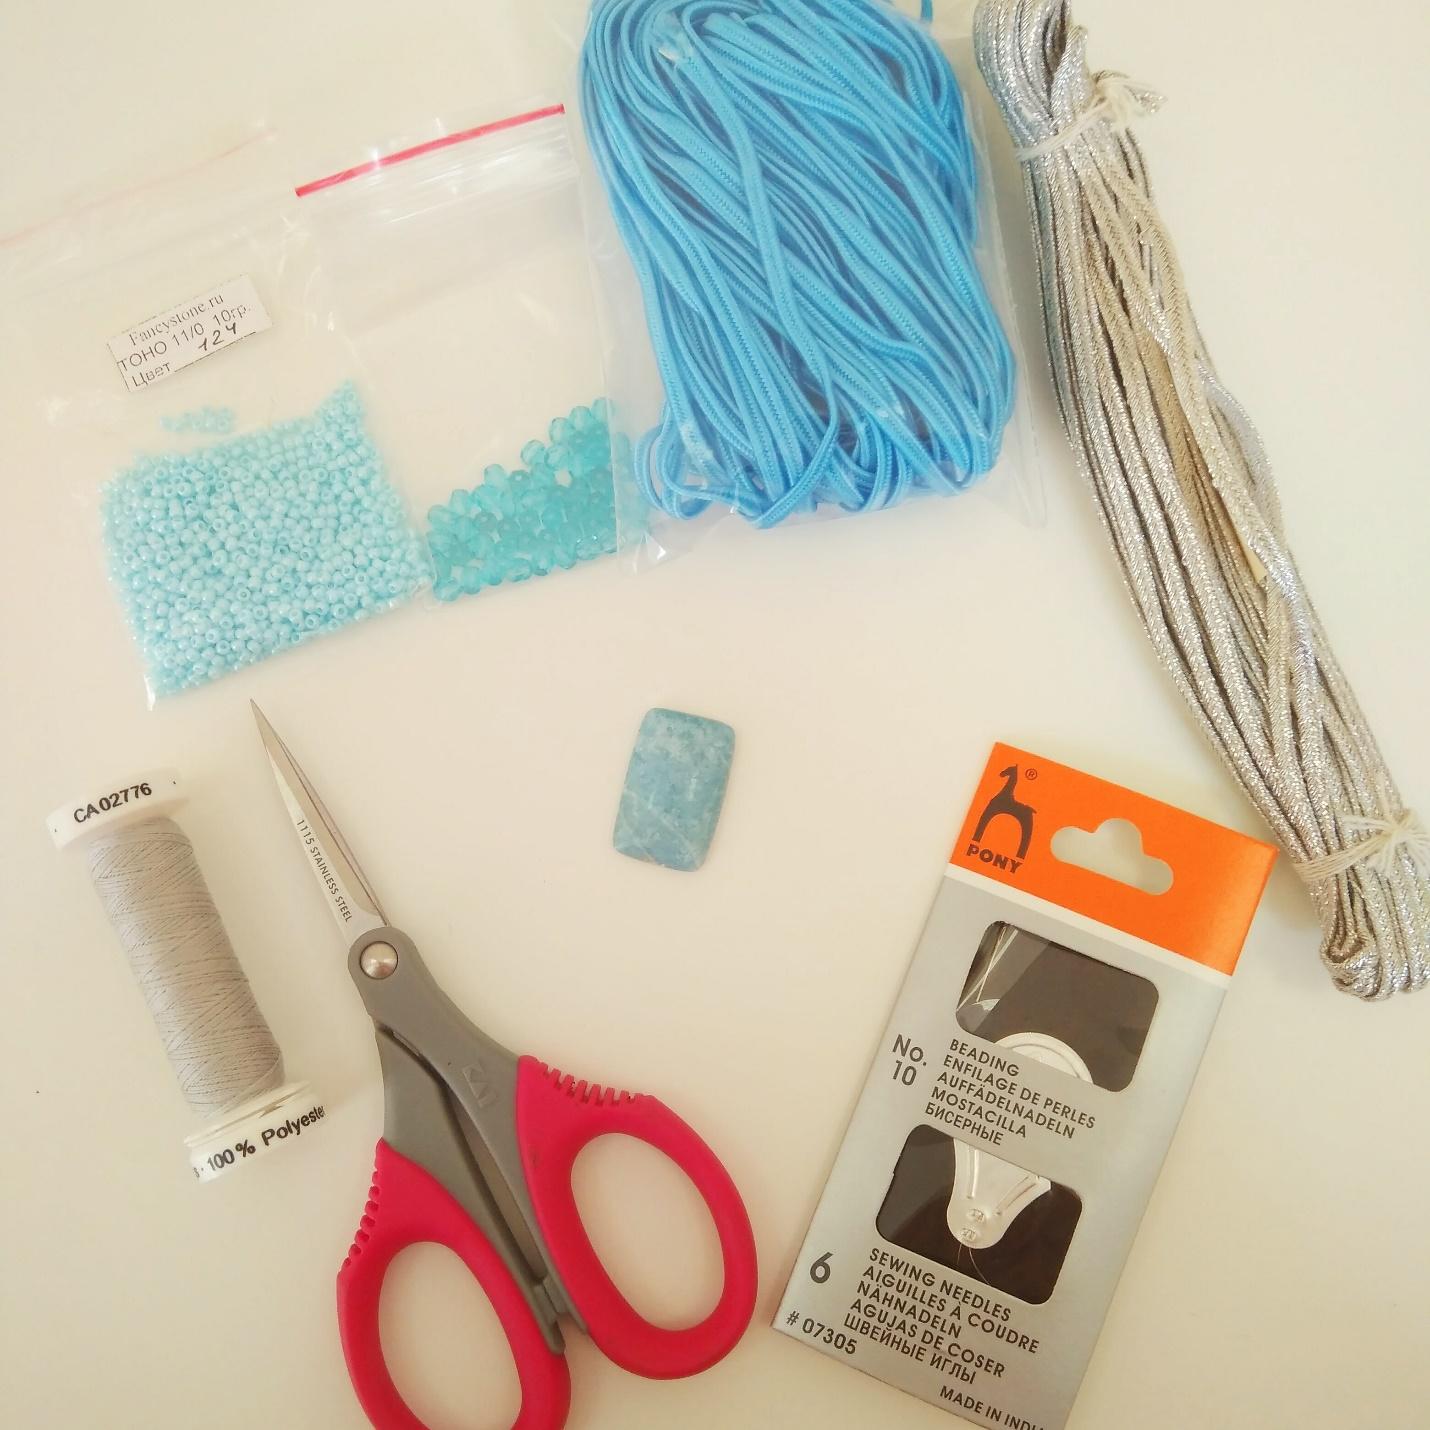 1-1 Сутажная вышивка украшений своими руками видео мастер класс